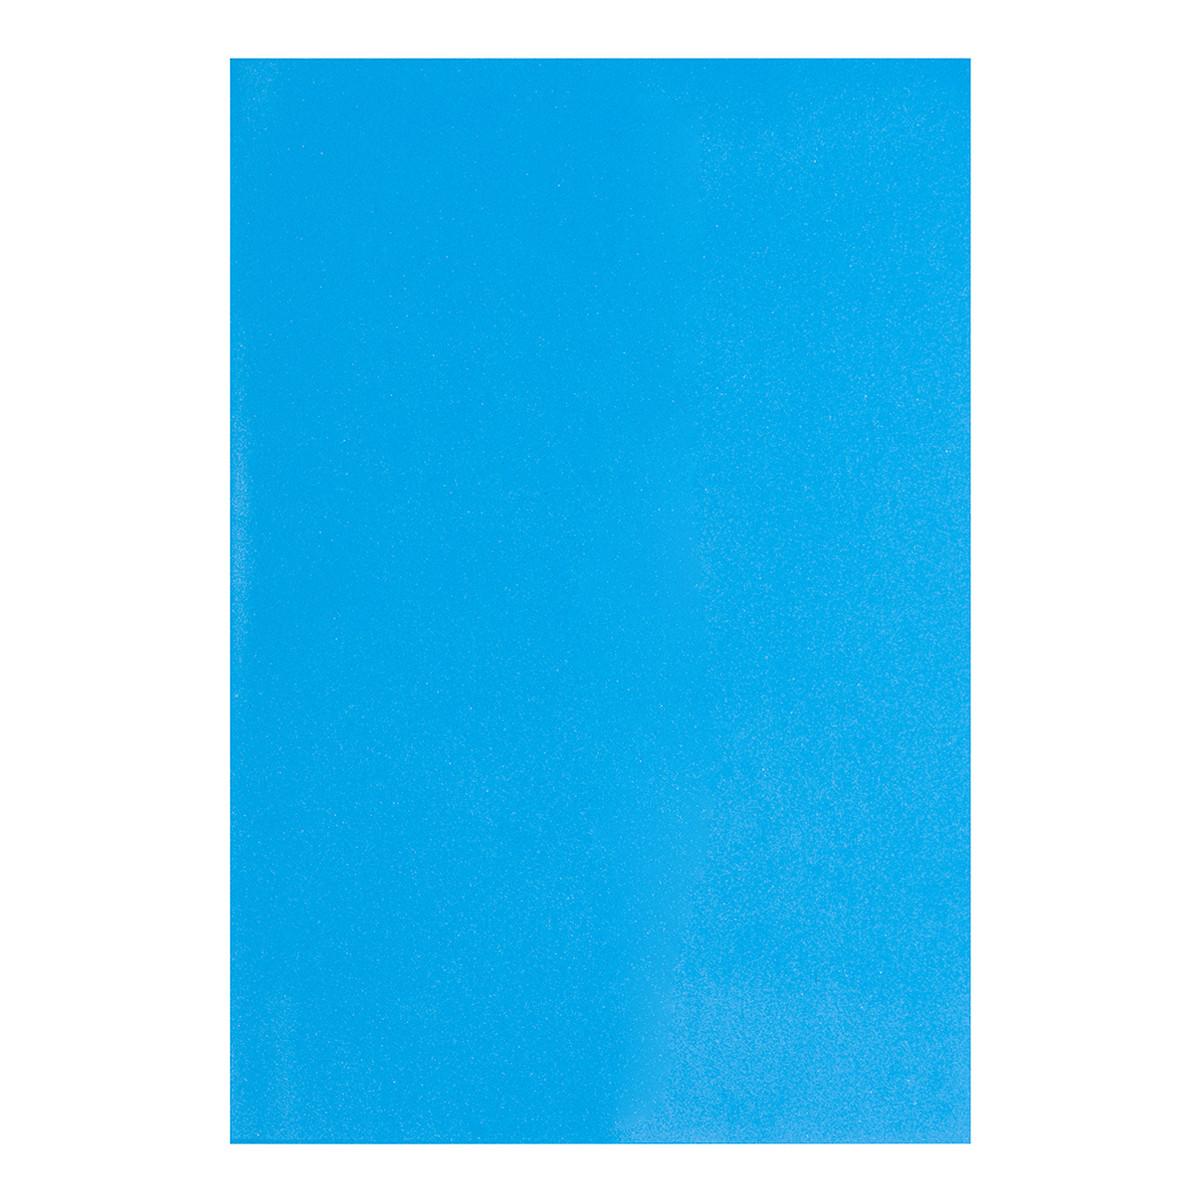 Фоамиран ЕВА яскраво-блакитний, 200*300 мм, товщина 1,7 мм, 10 листів